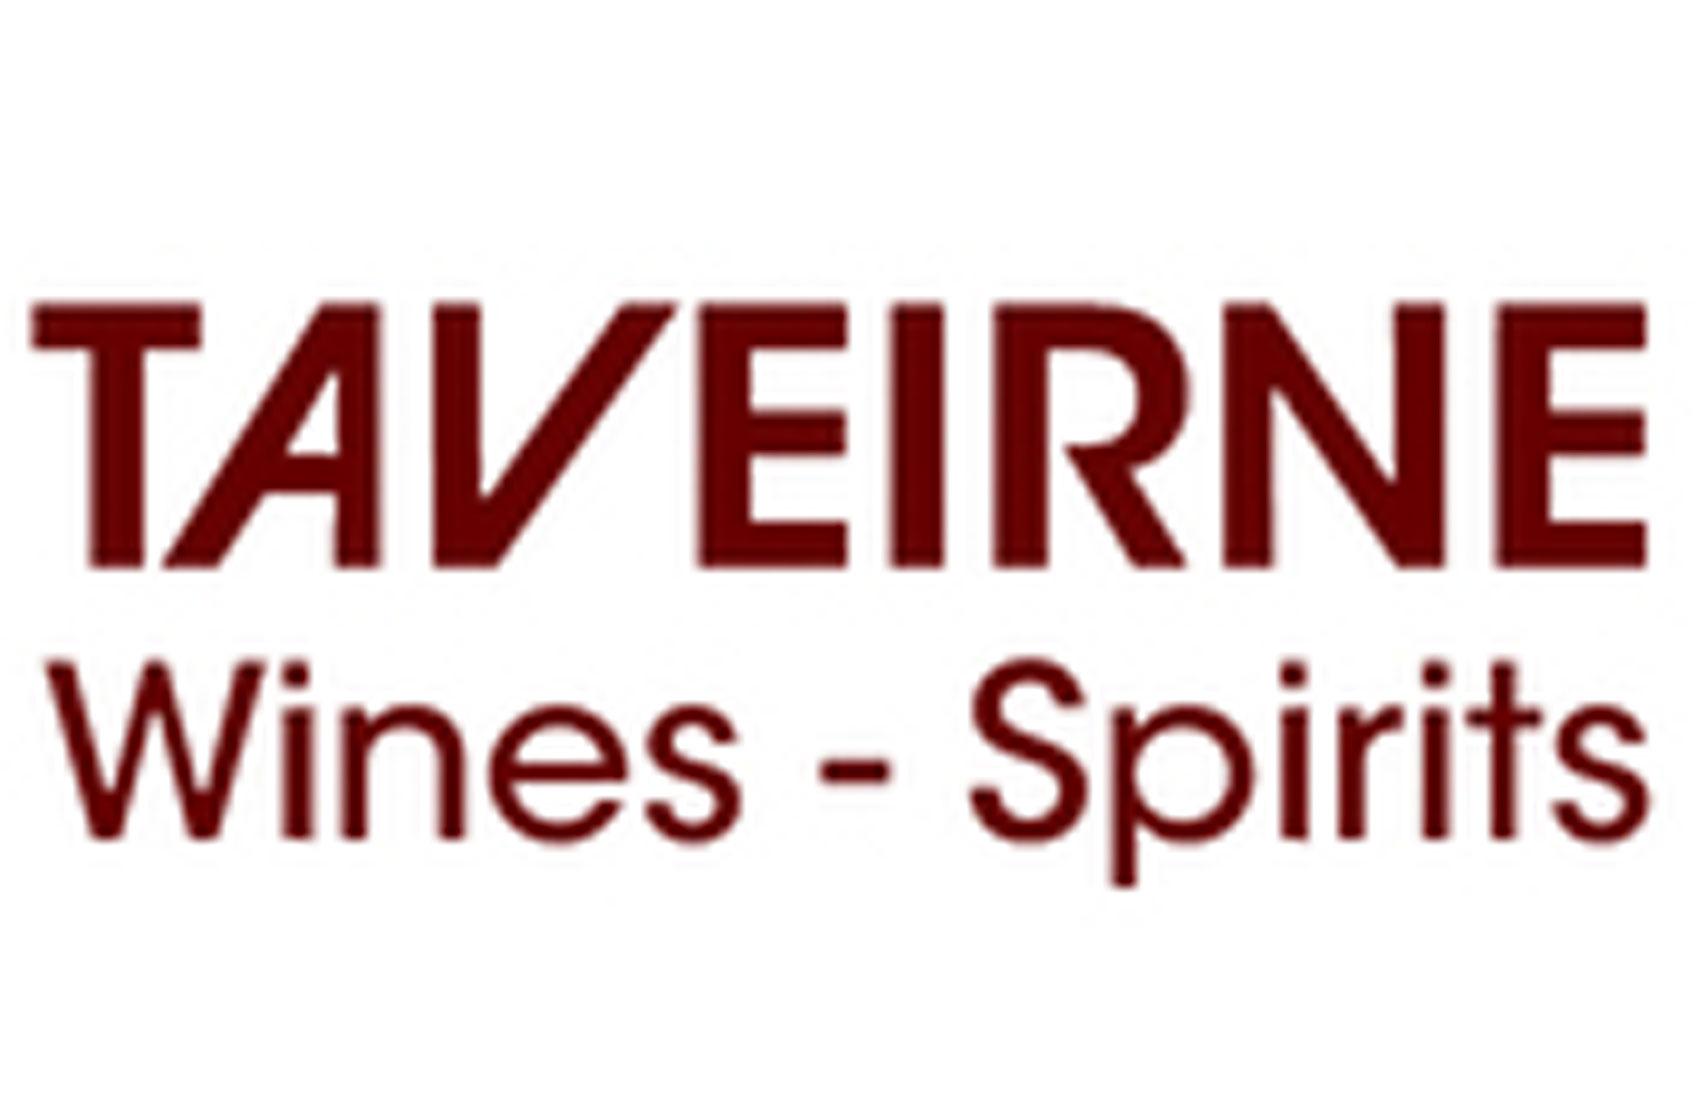 Taveirne Wines-Spirits